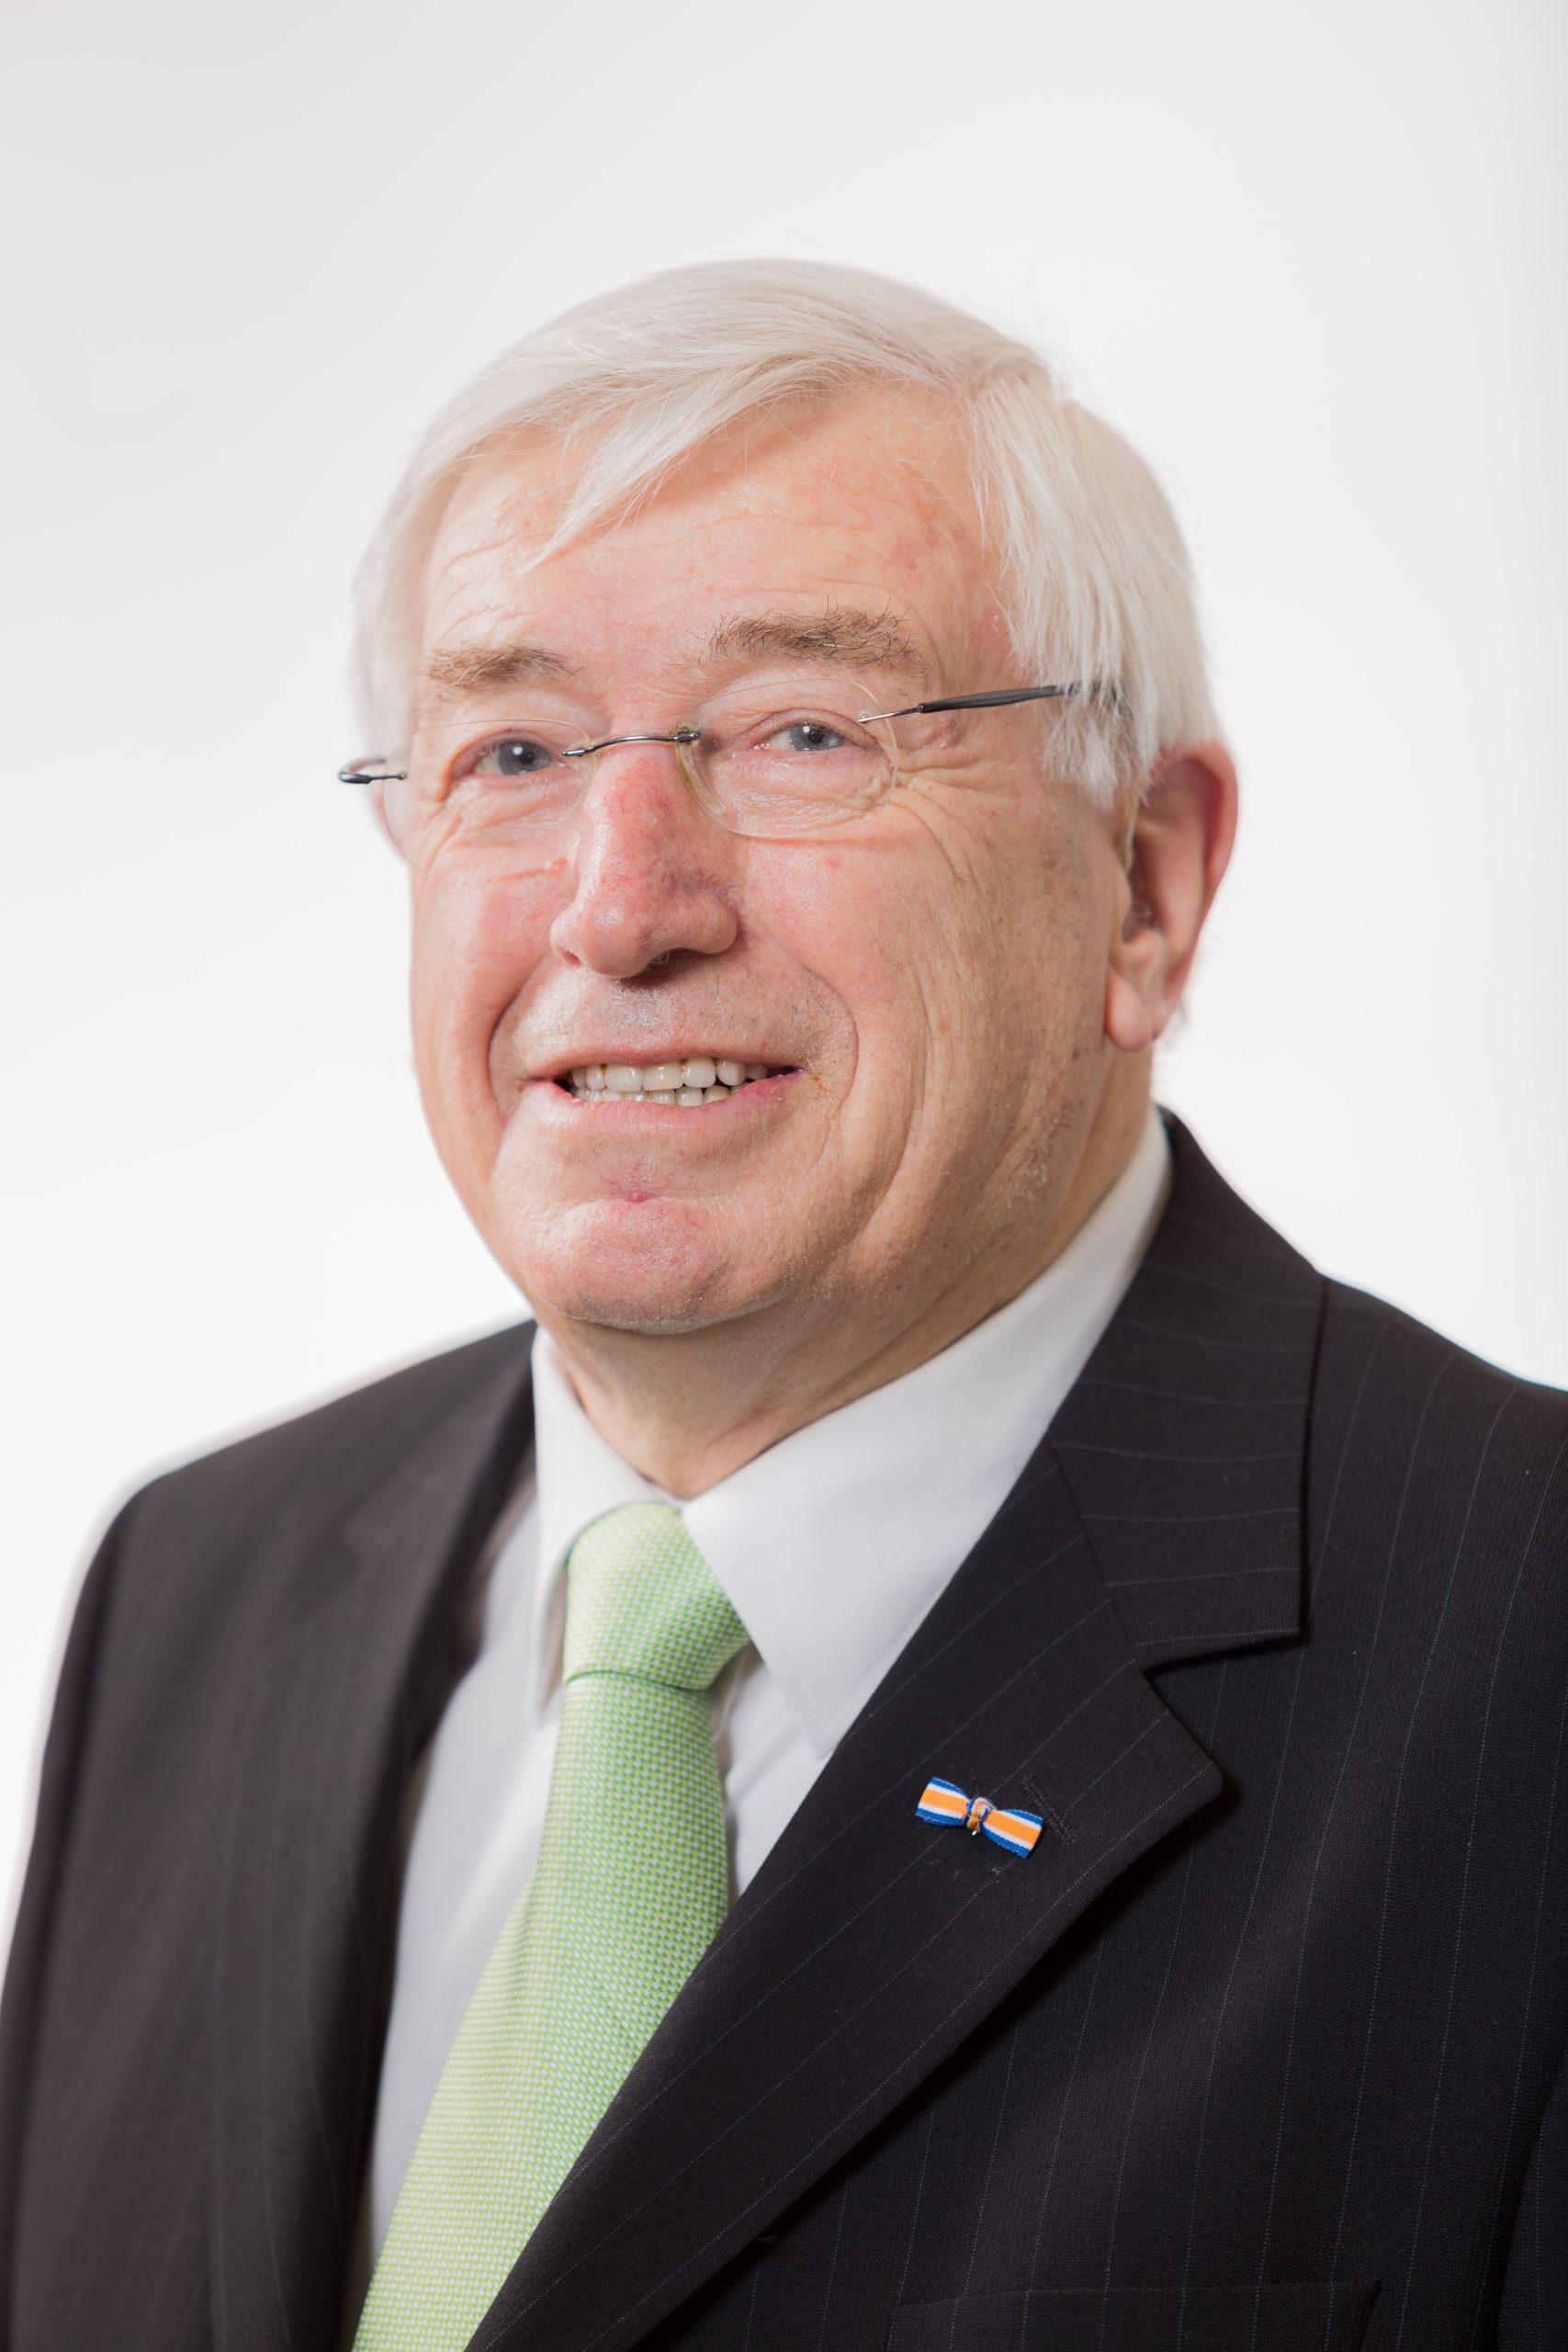 Maarten van Eekelen